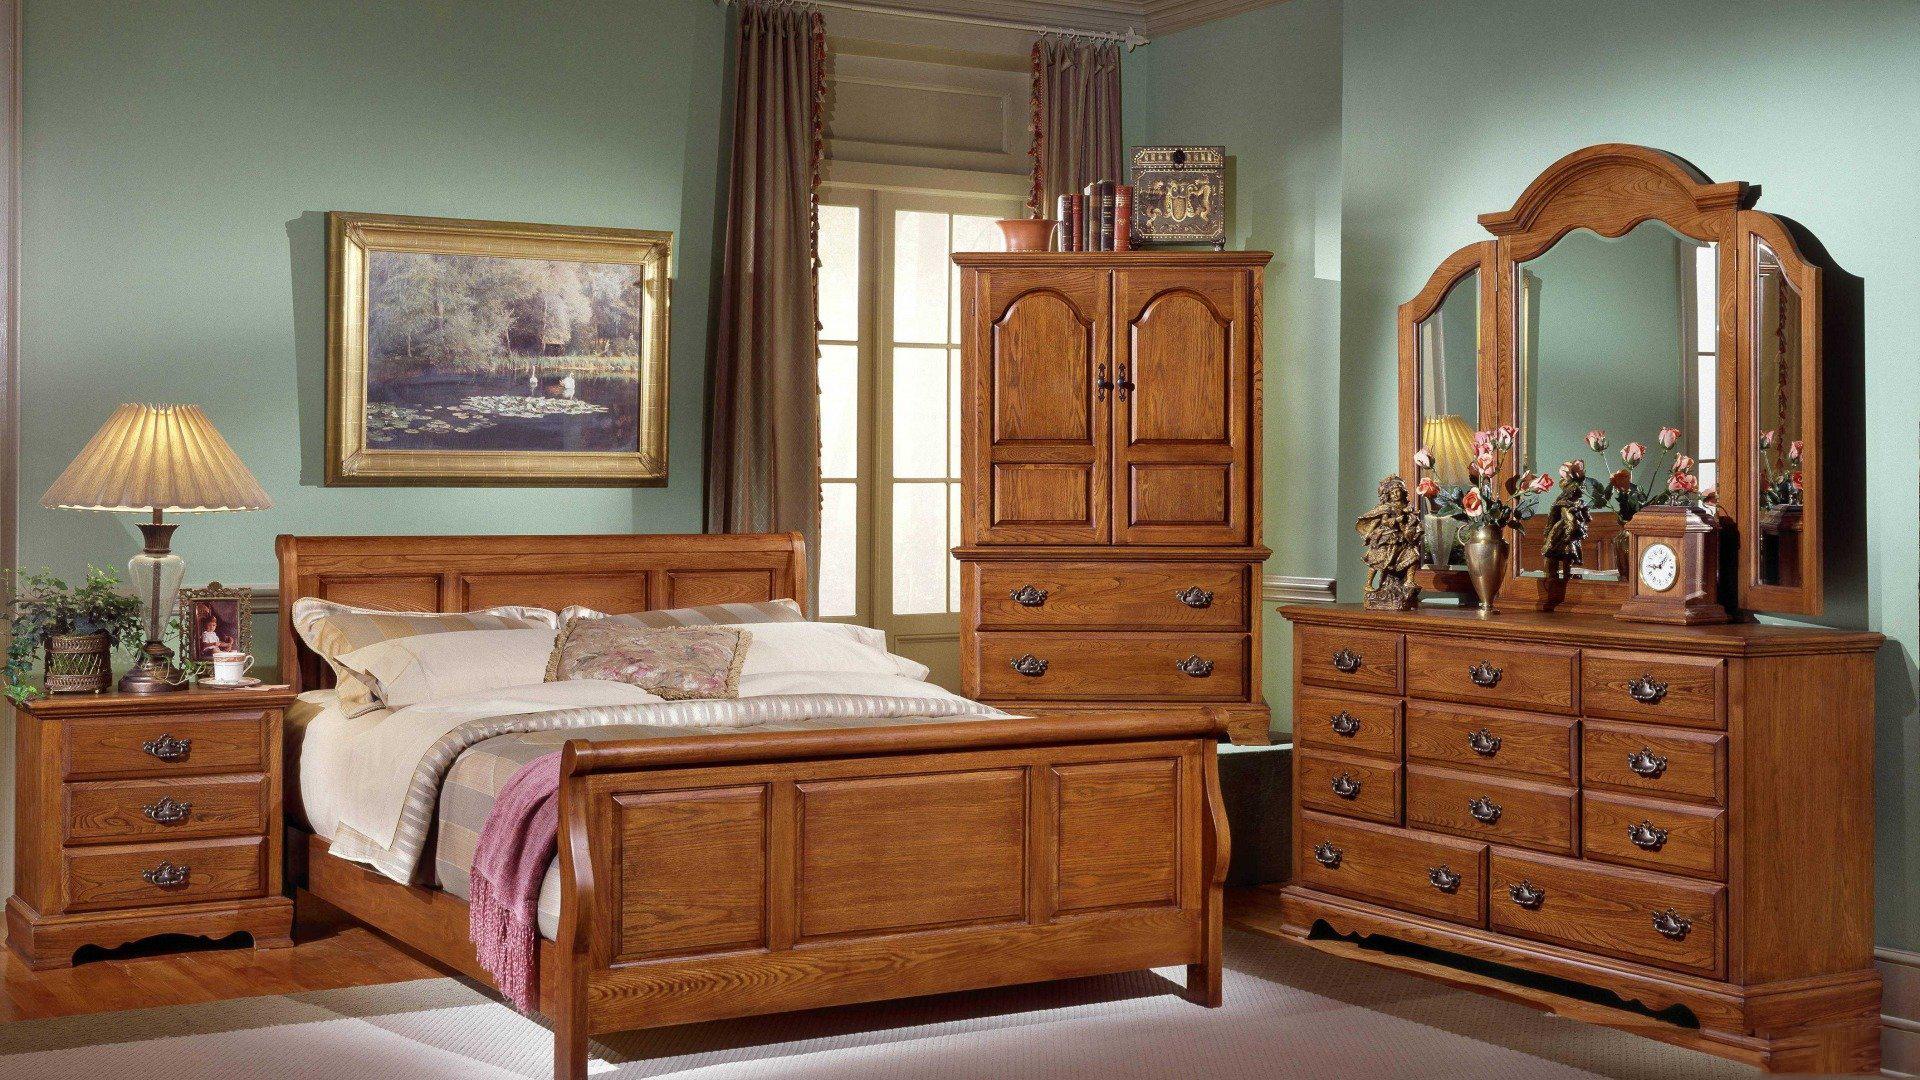 Как выбрать мебель для дома и сэкономить?